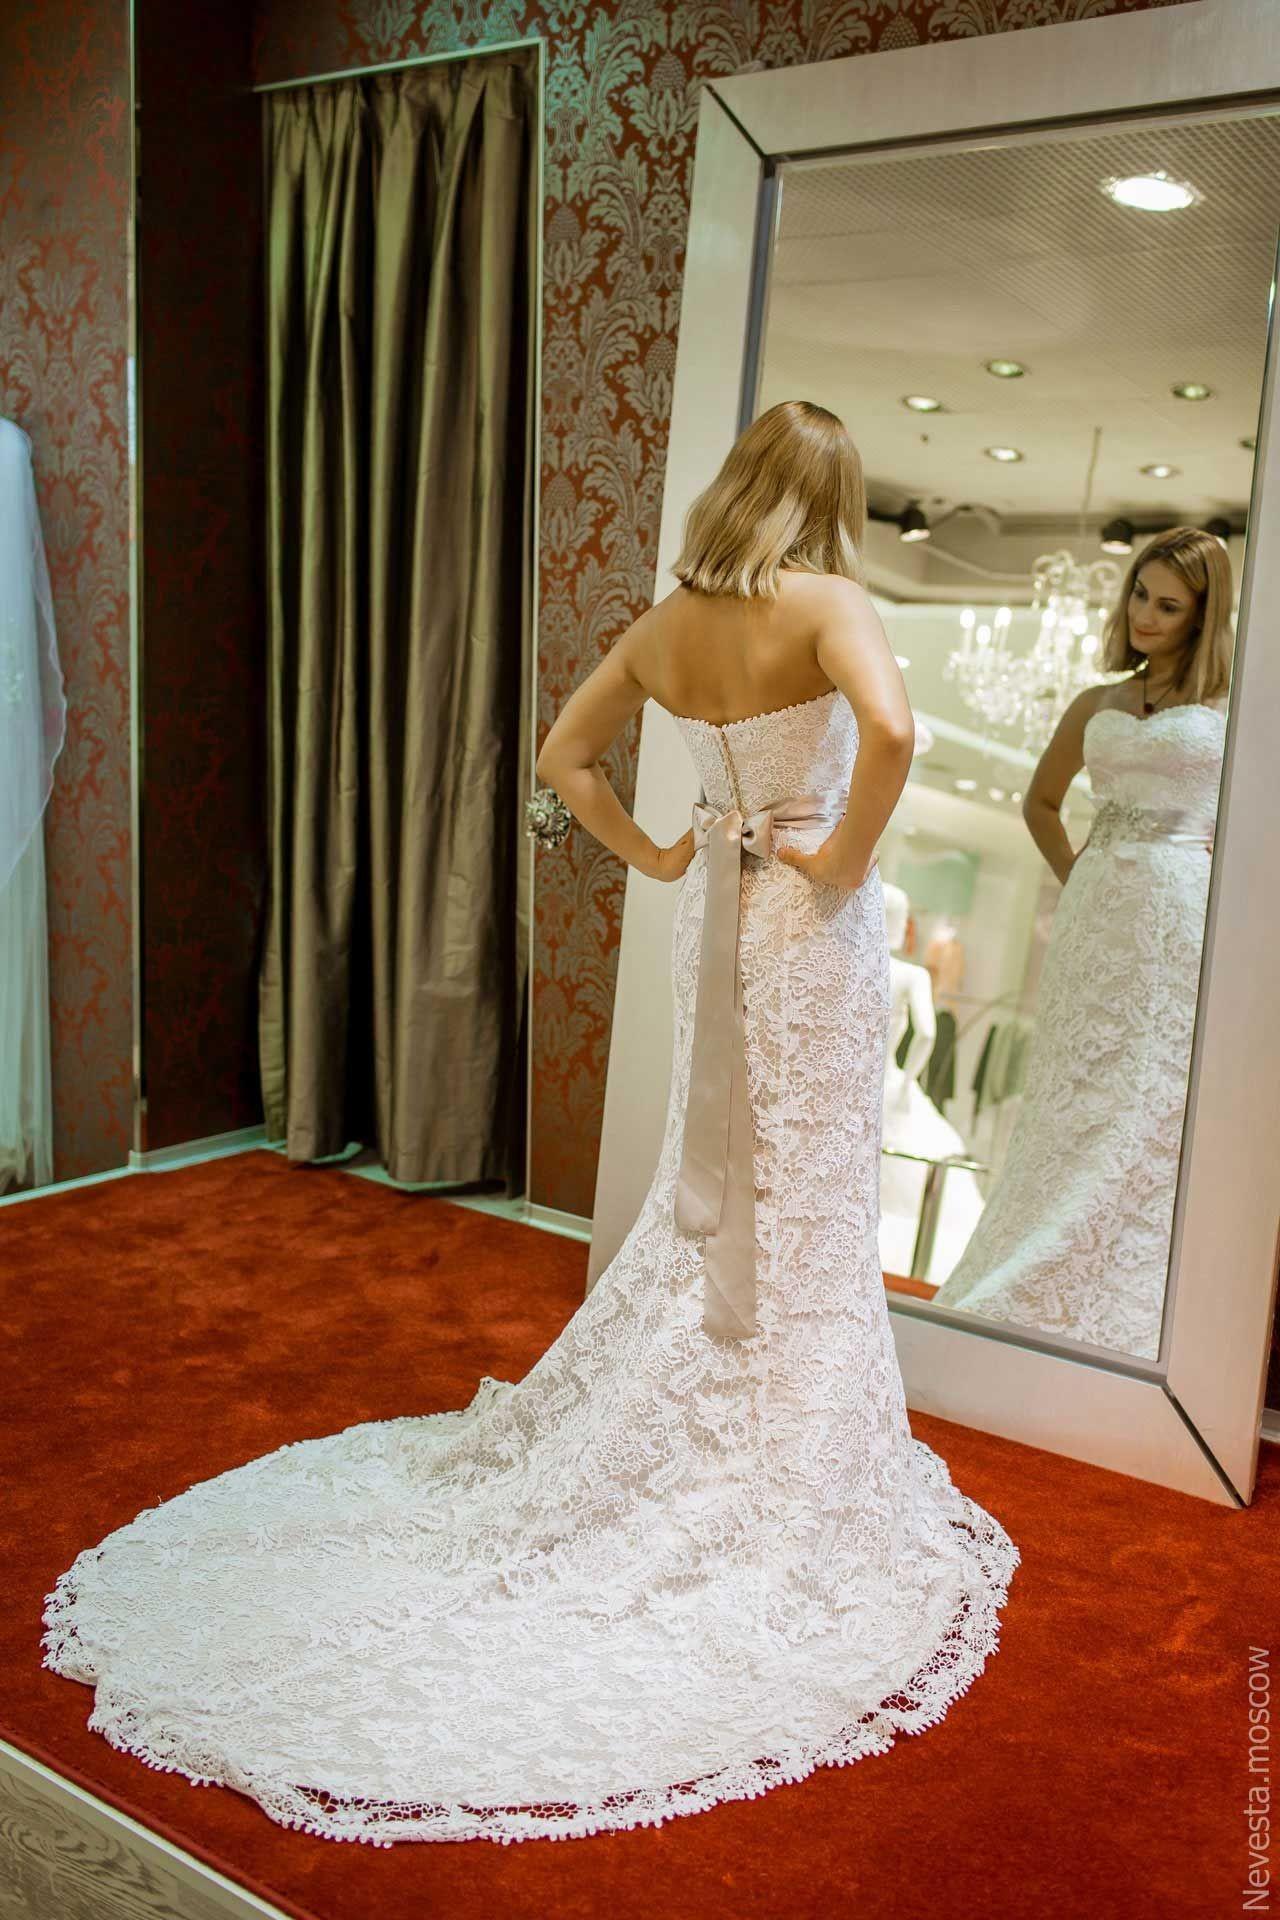 Карина Мишулина, подготовка к свадьбе, фото 1